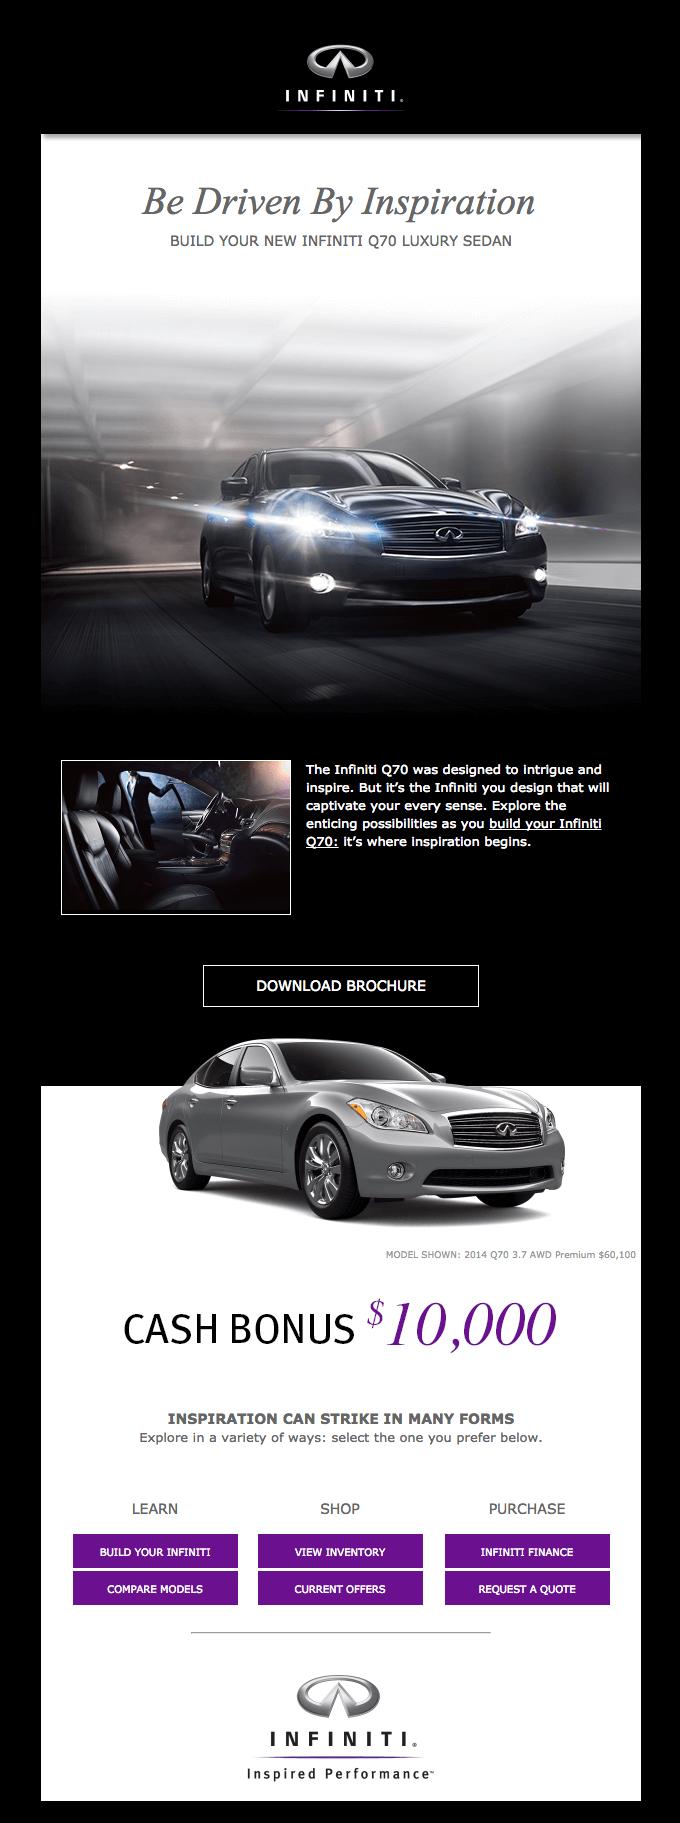 Емейл рассылка от Infiniti с картинкой эксклюзивного авто, с помощью которого компания действует на чувства клиентов